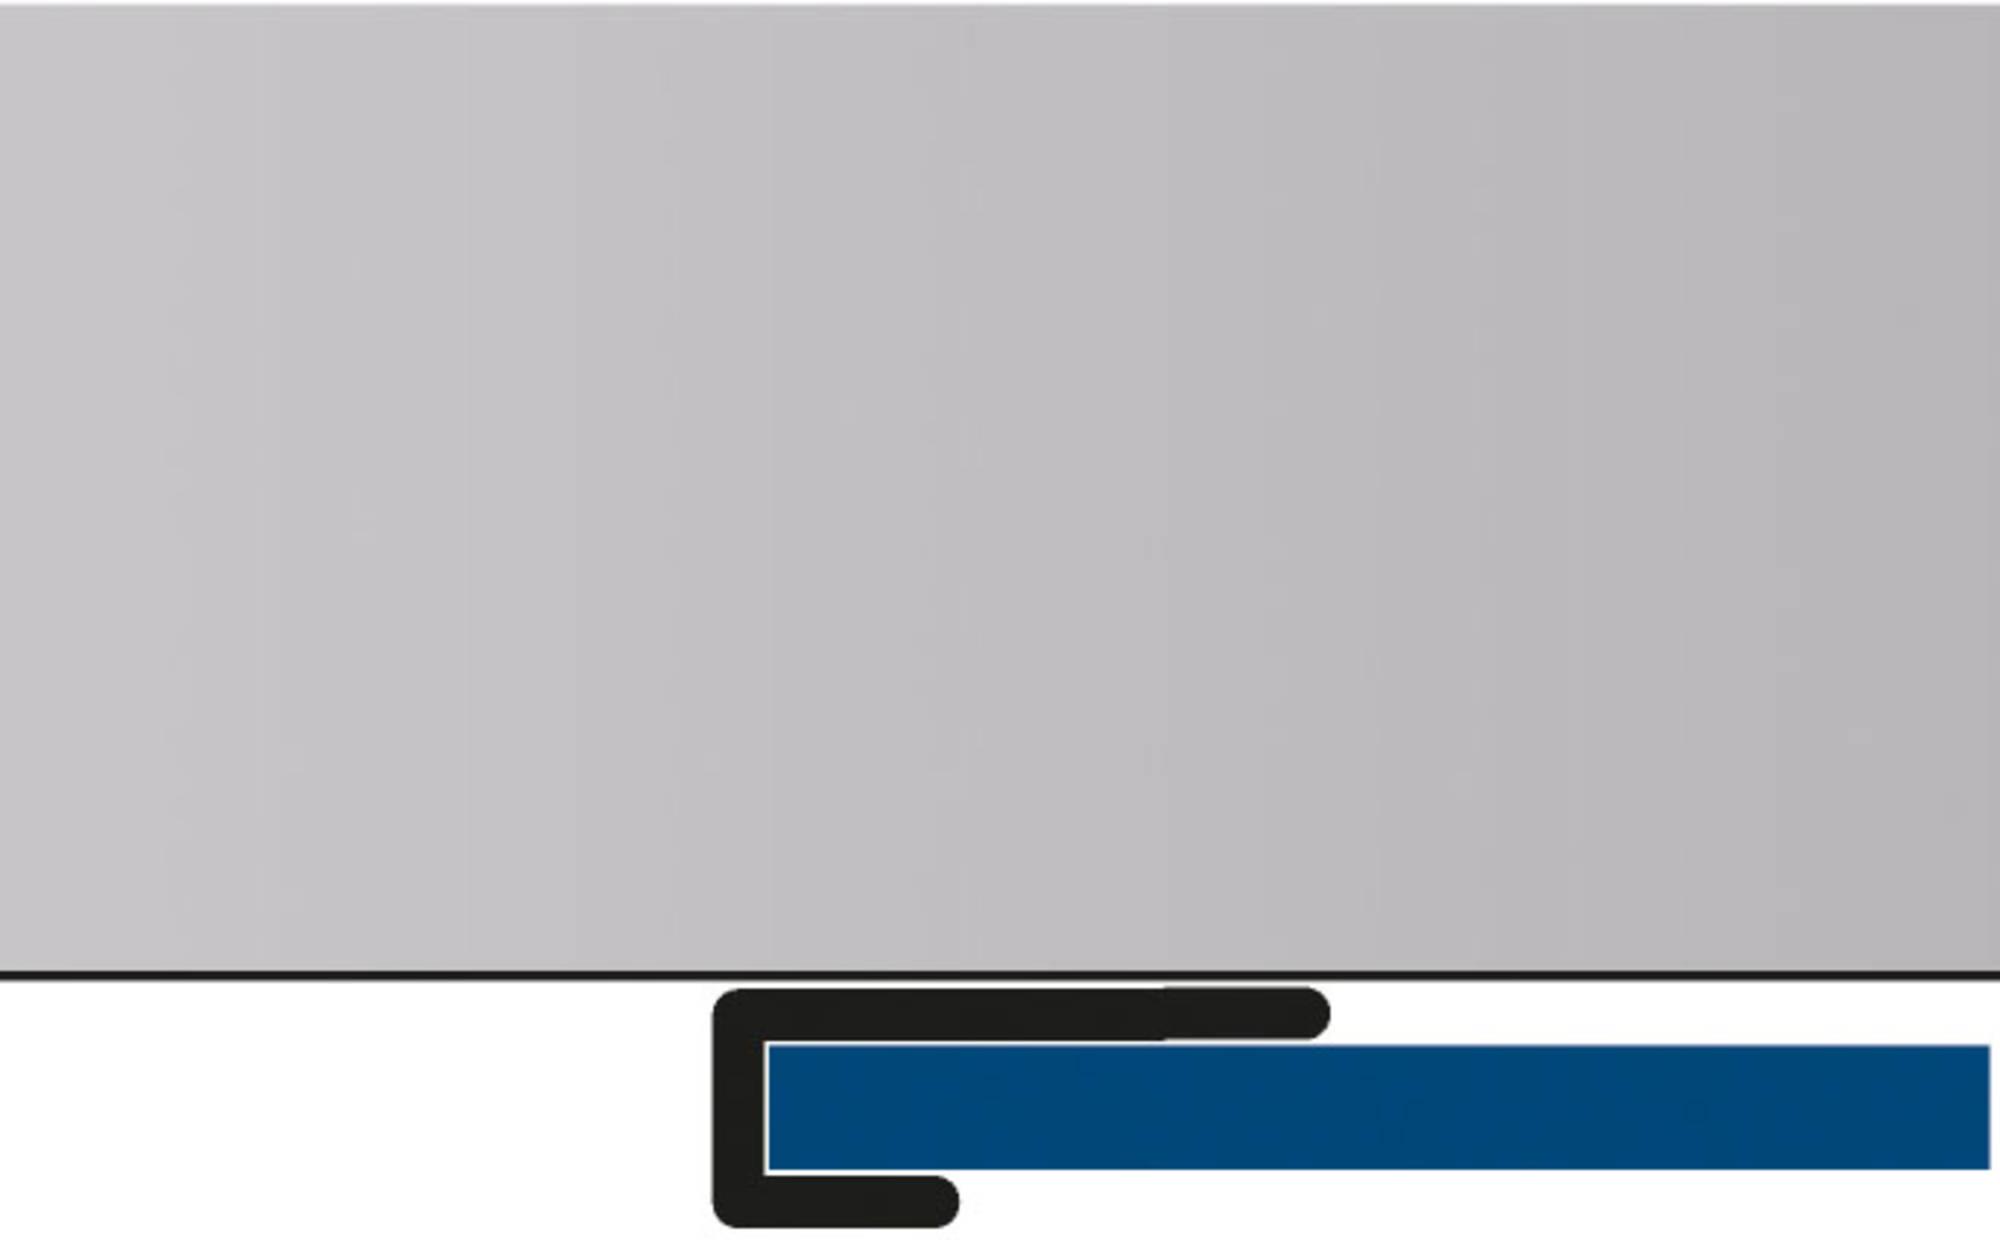 Duschprofi RenoDeco afsluitprofiel recht 1,7x255 cm mat zwart